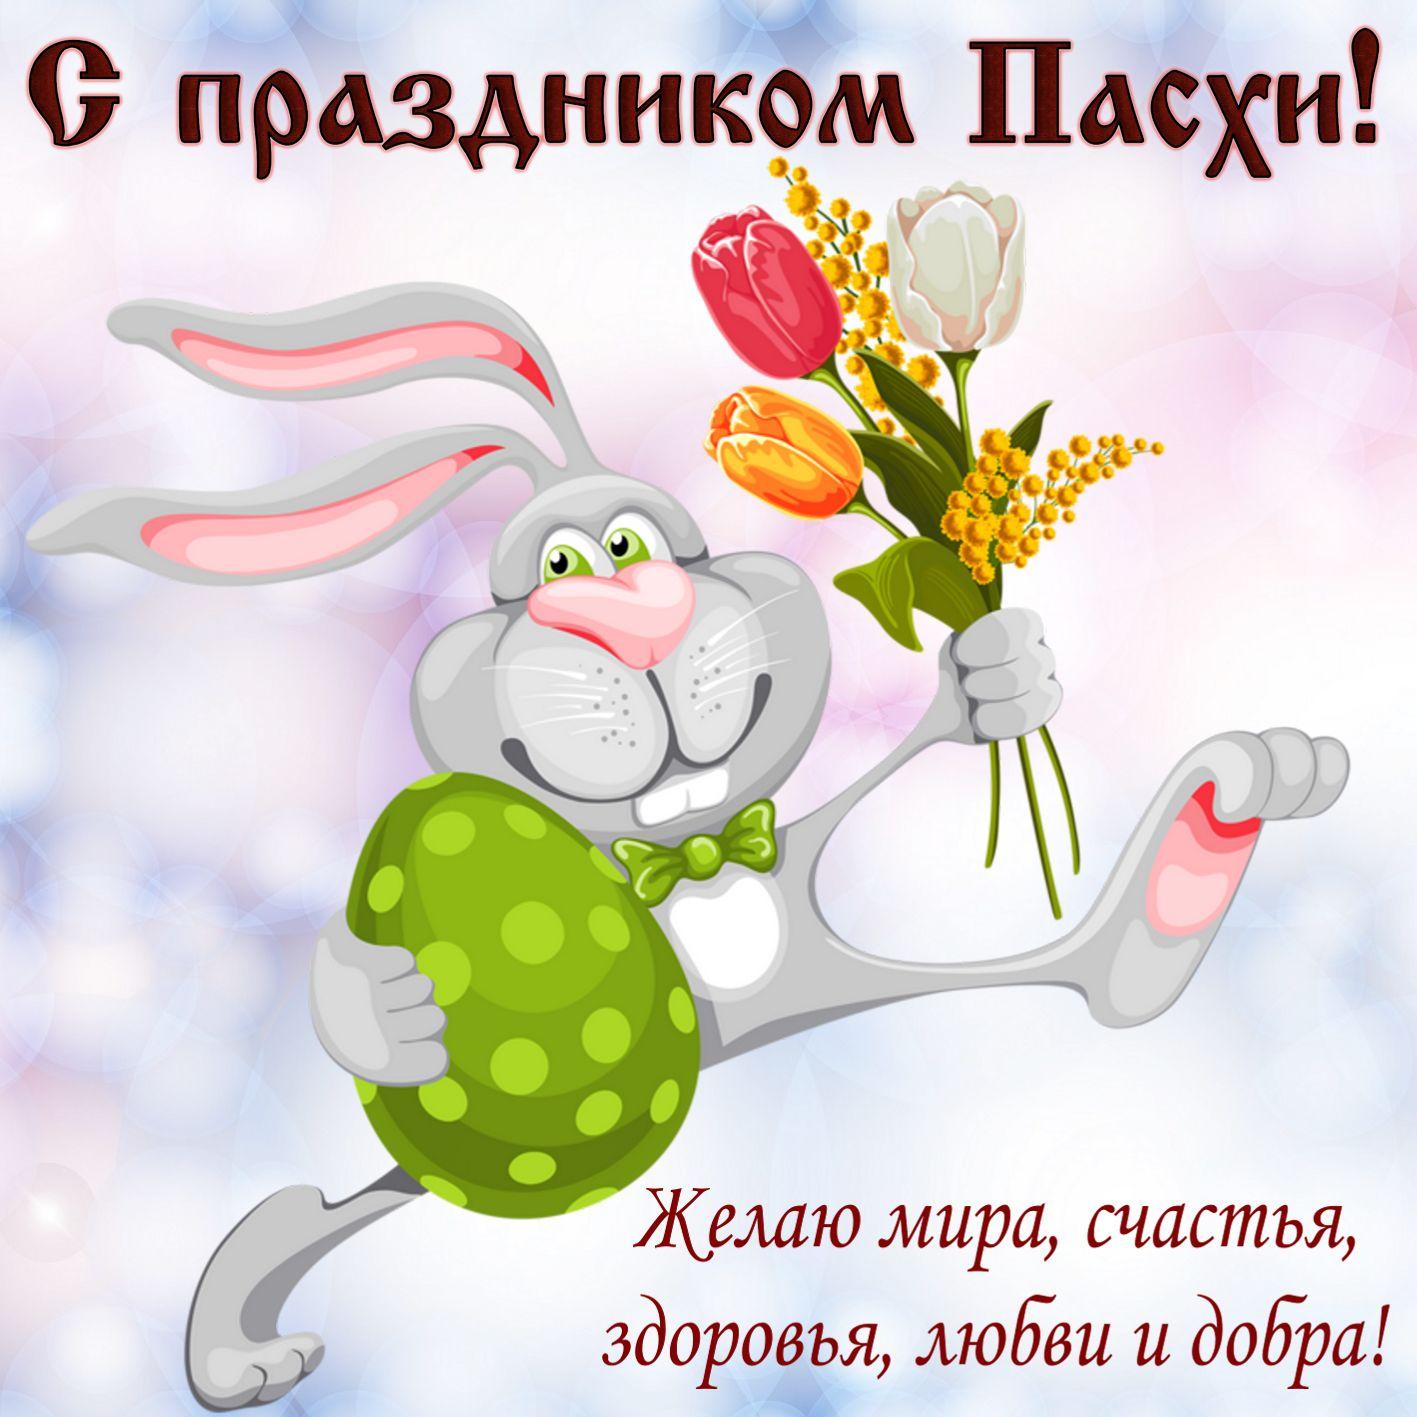 Открытка с Пасхой - кролик с яйцом, цветами и пожеланием